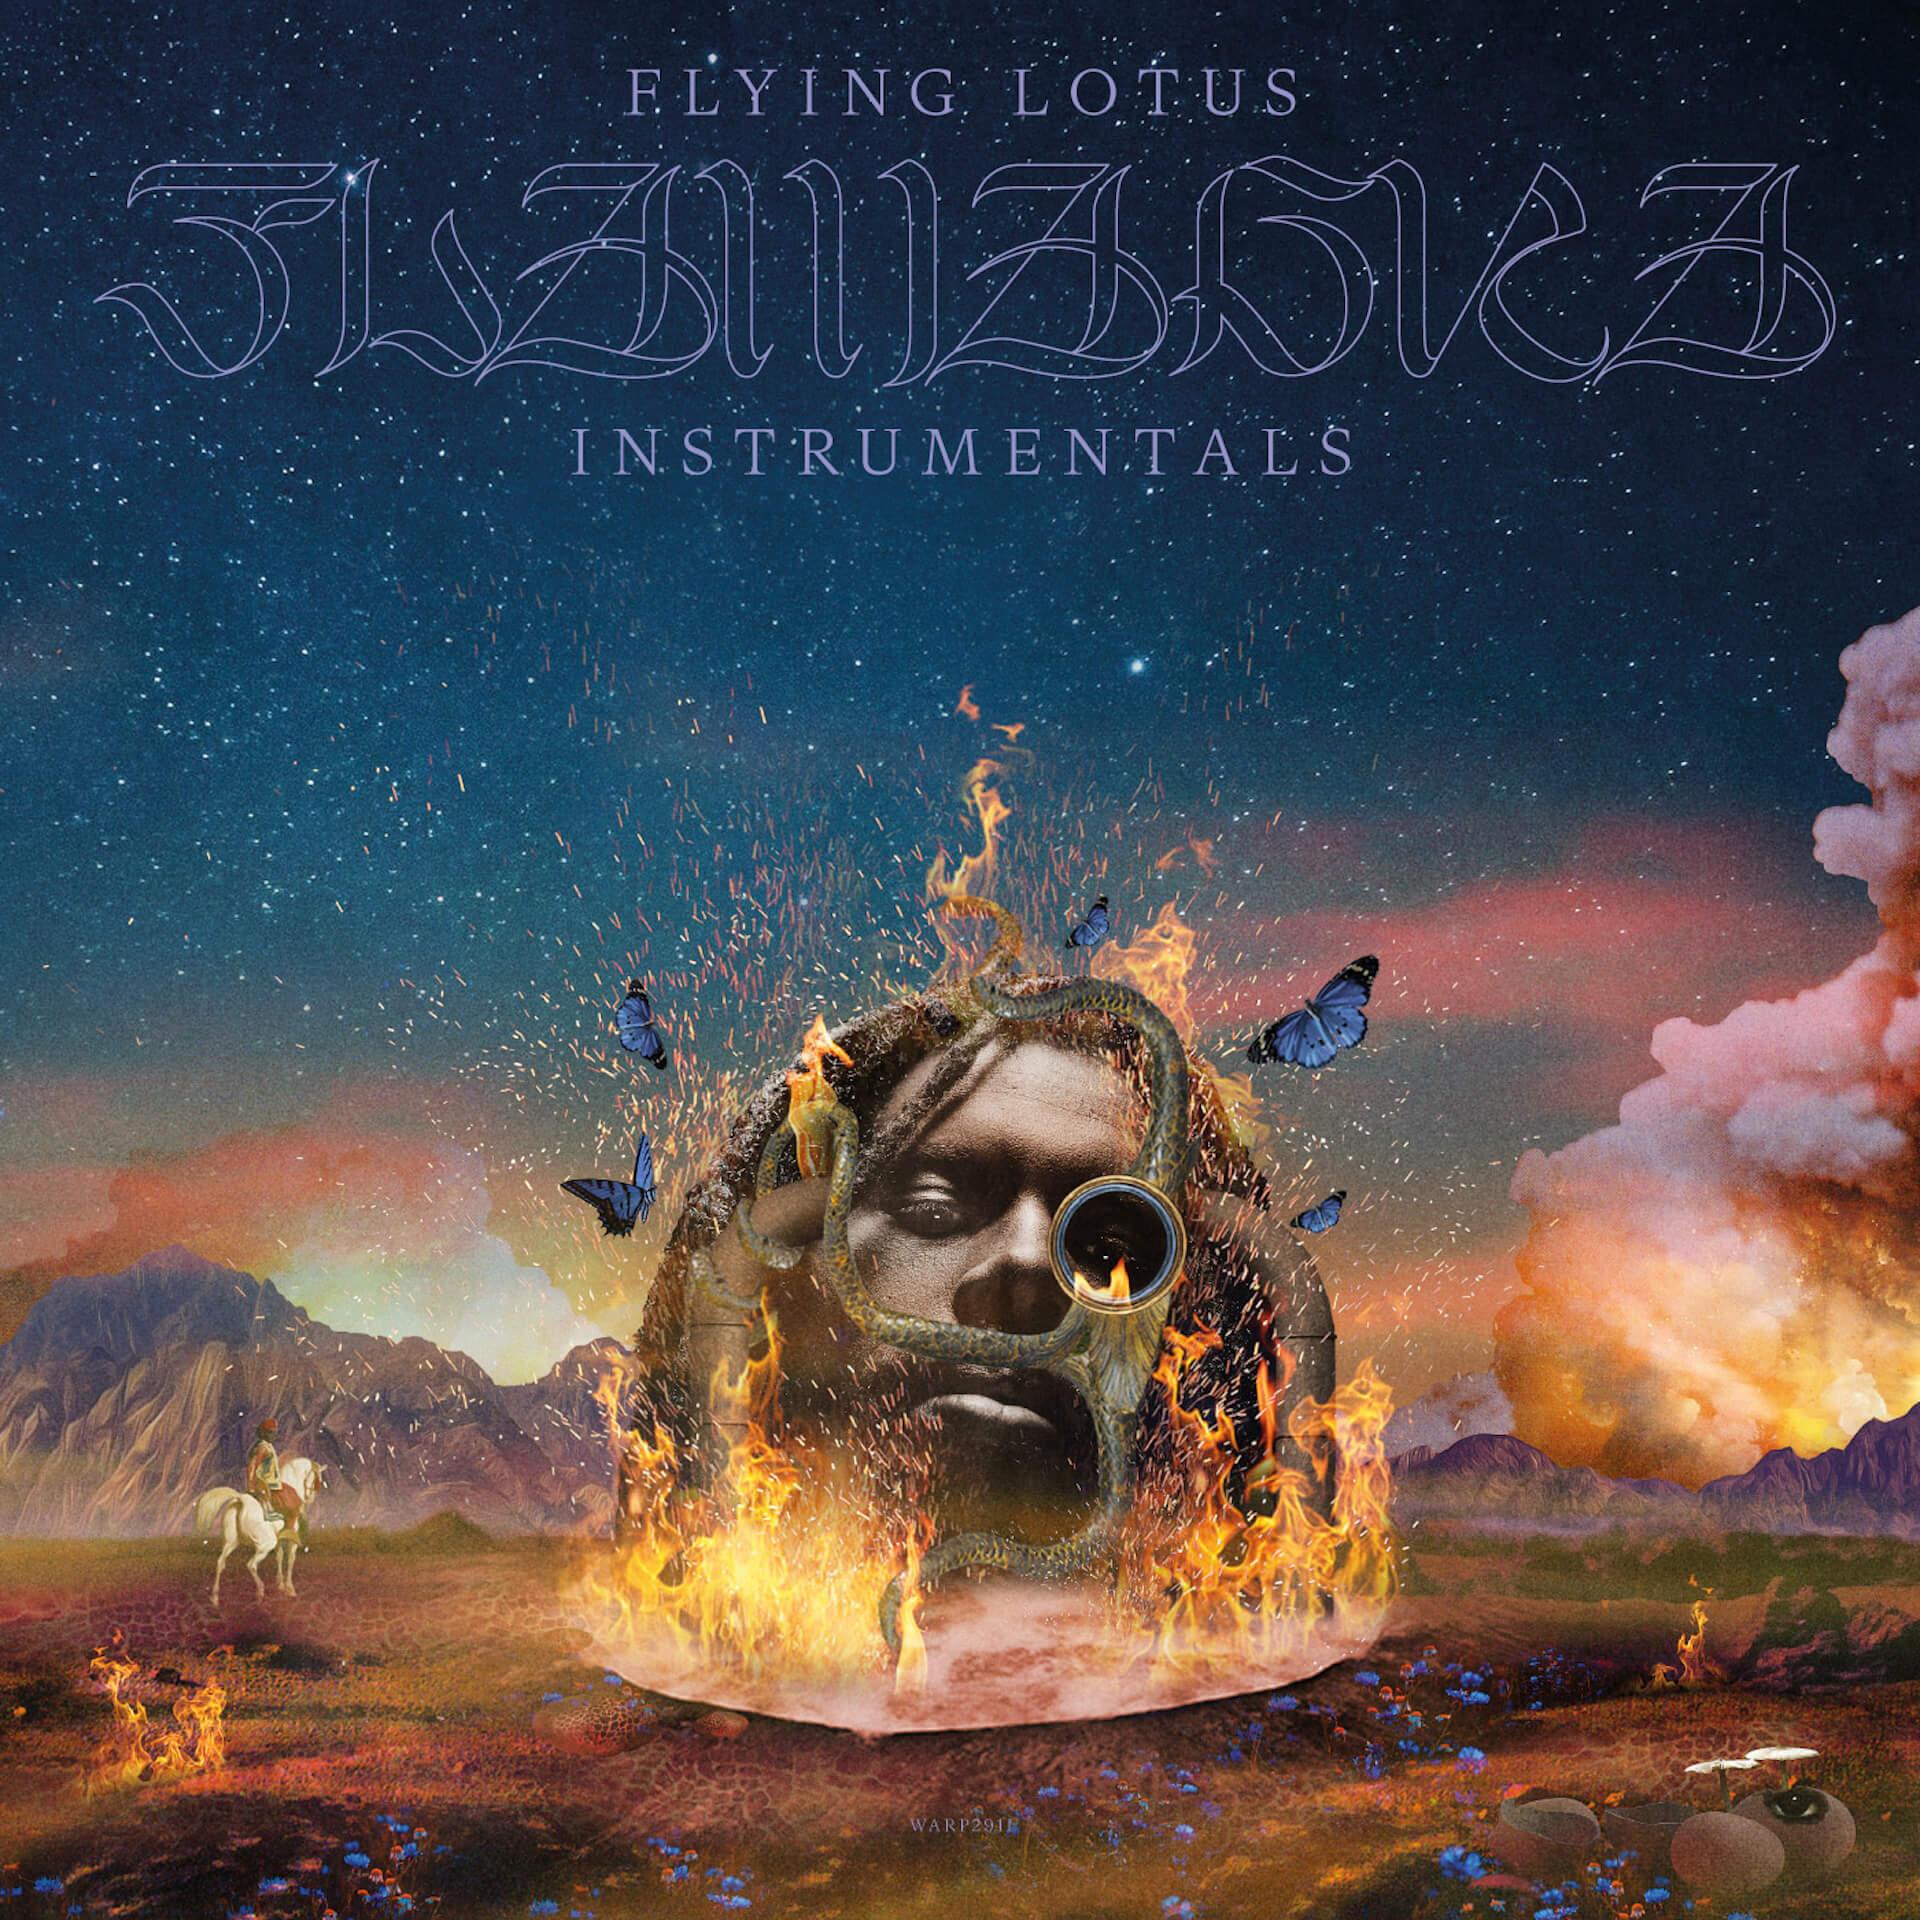 Flying Lotus『Flamagra(Instrumental)』が本日発売!Thundercatらが魅力を語るインタビューが〈Warp〉で掲載 music200529_flyinglotus_3